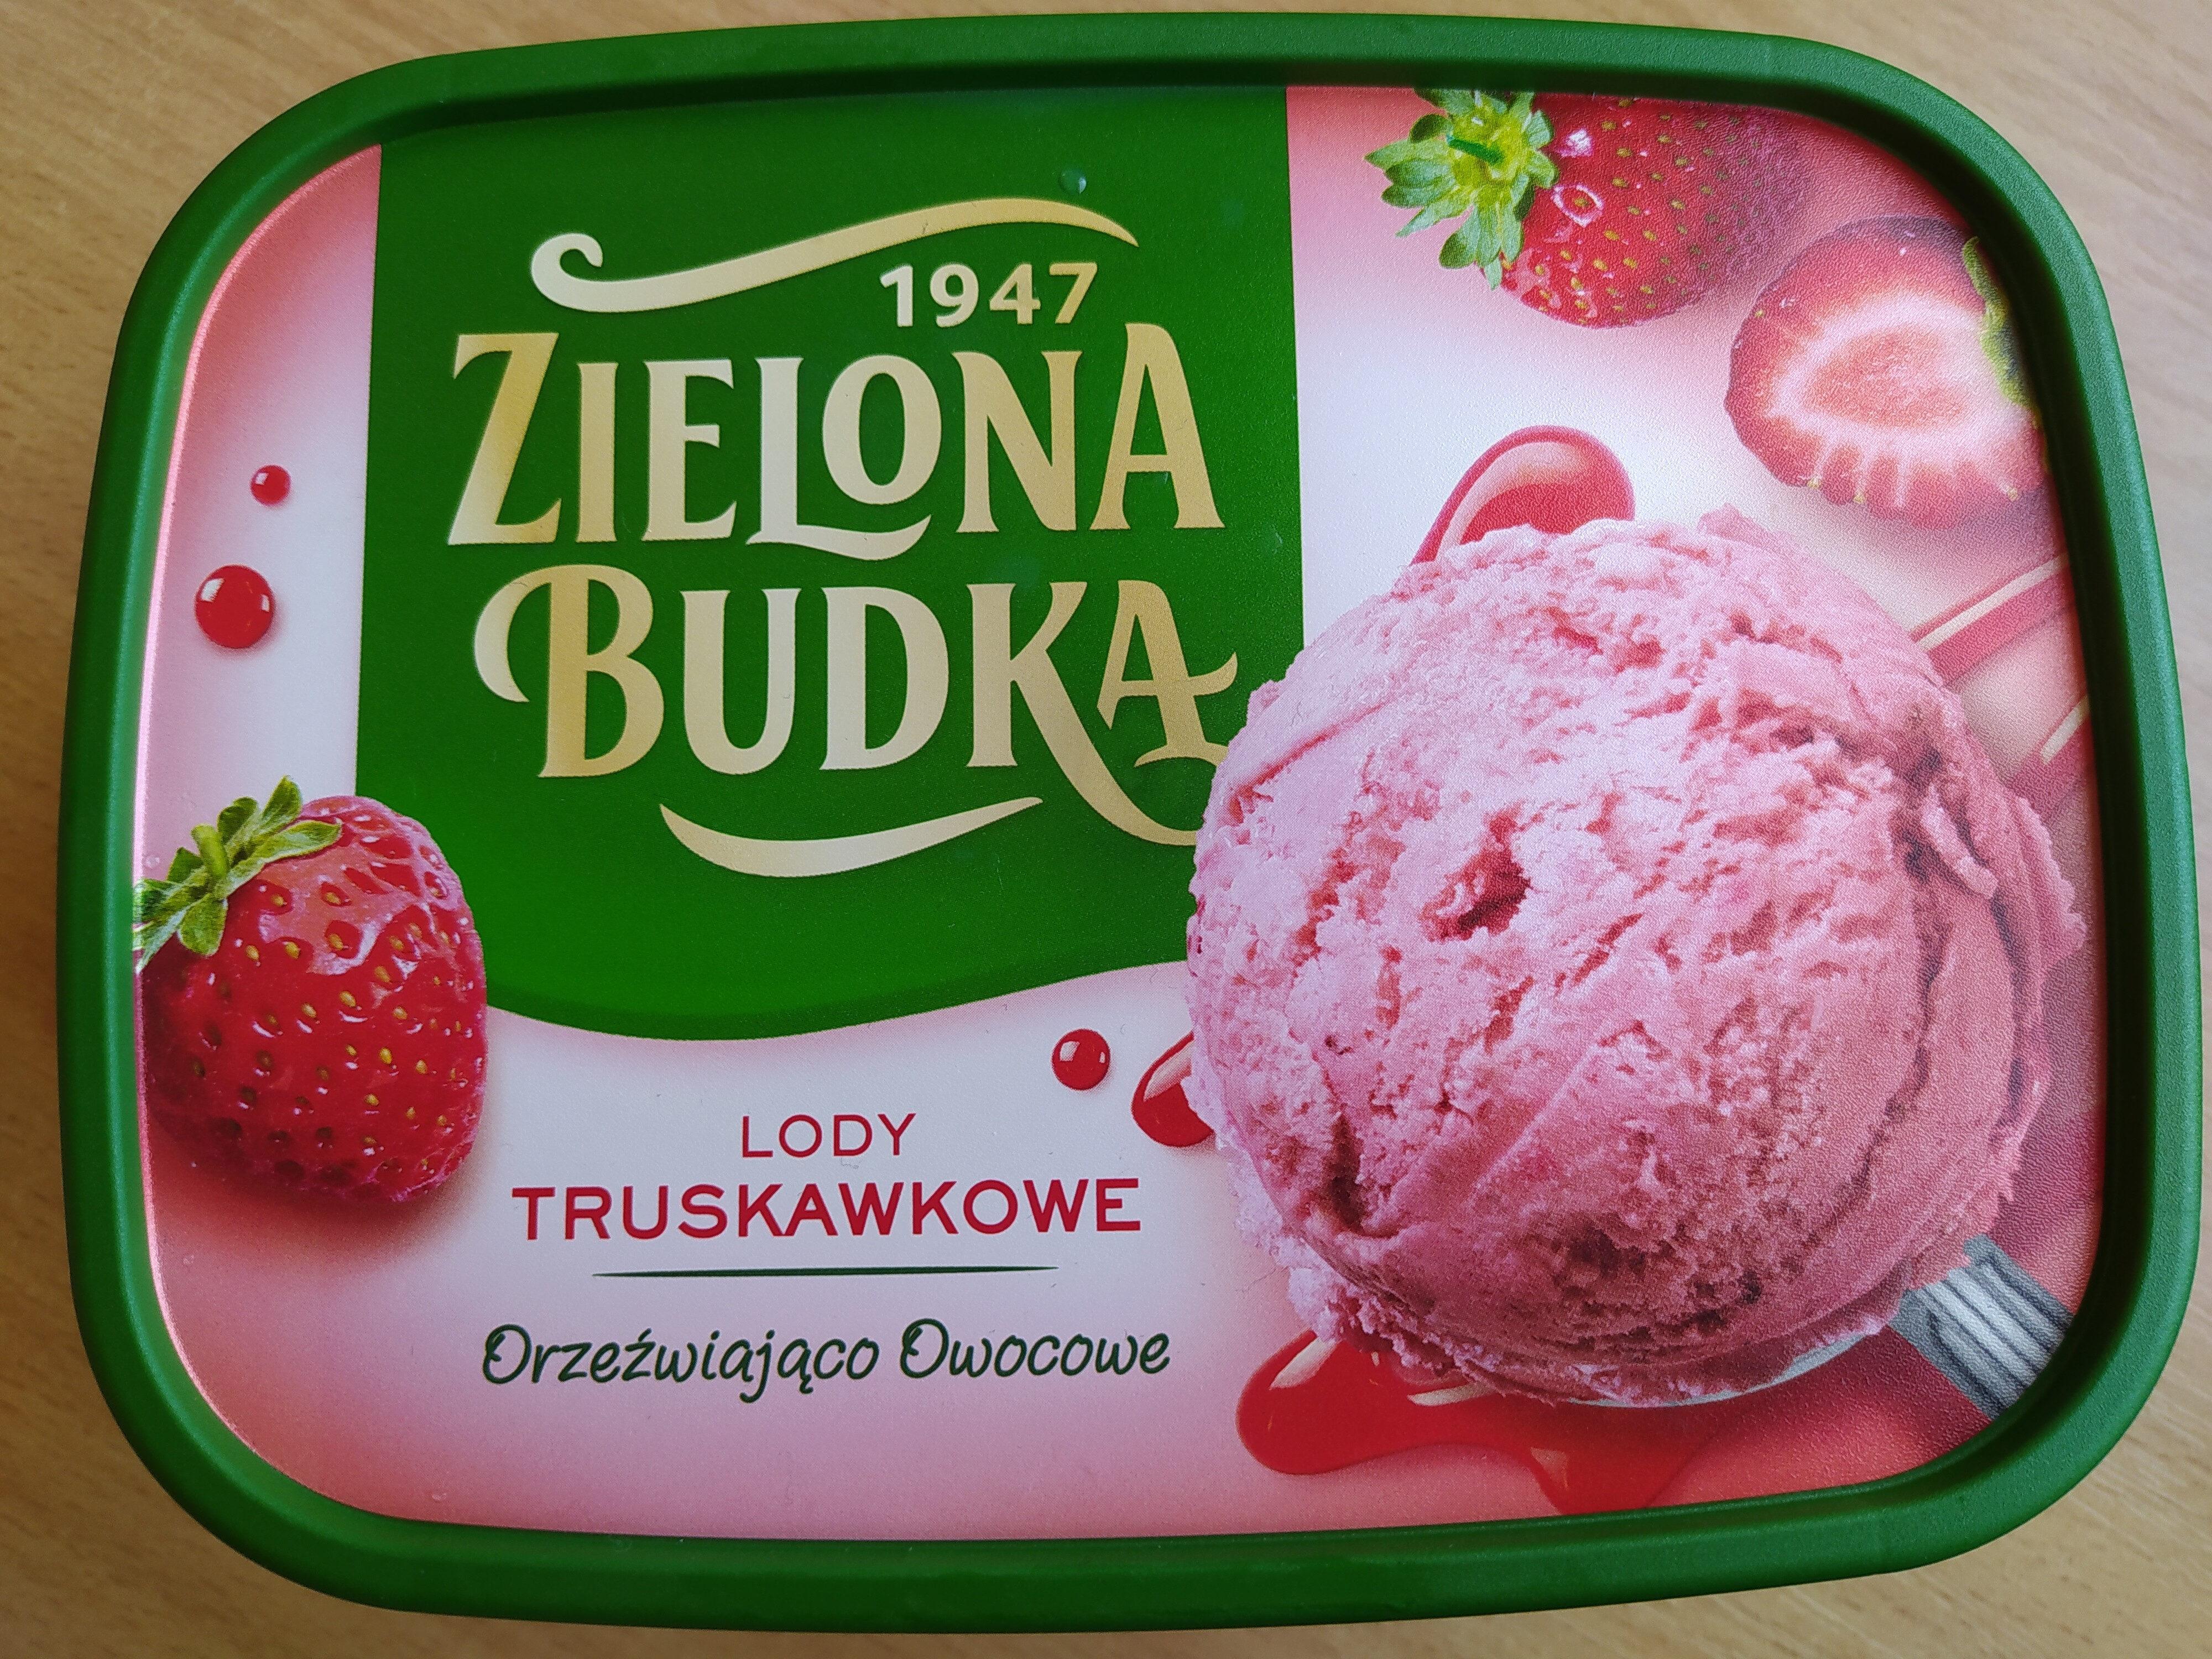 zielona budka lody truskawkowe - Produkt - pl